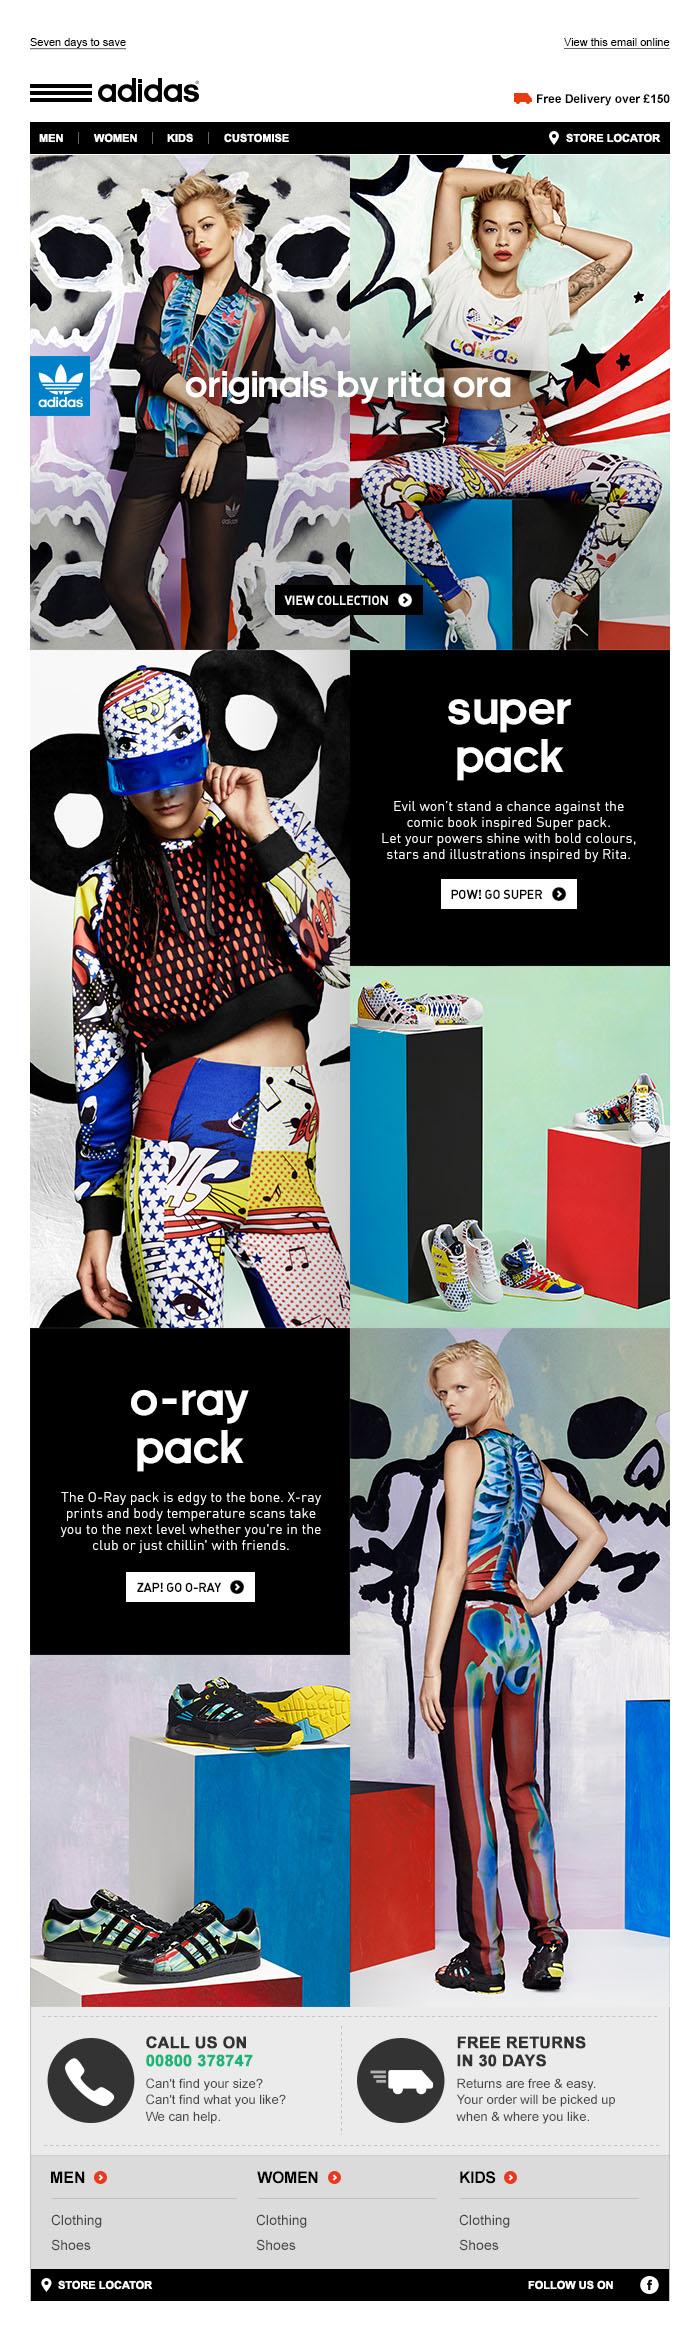 adidas Originals Rita Ora - Tim Tayyar, freelance copywriter